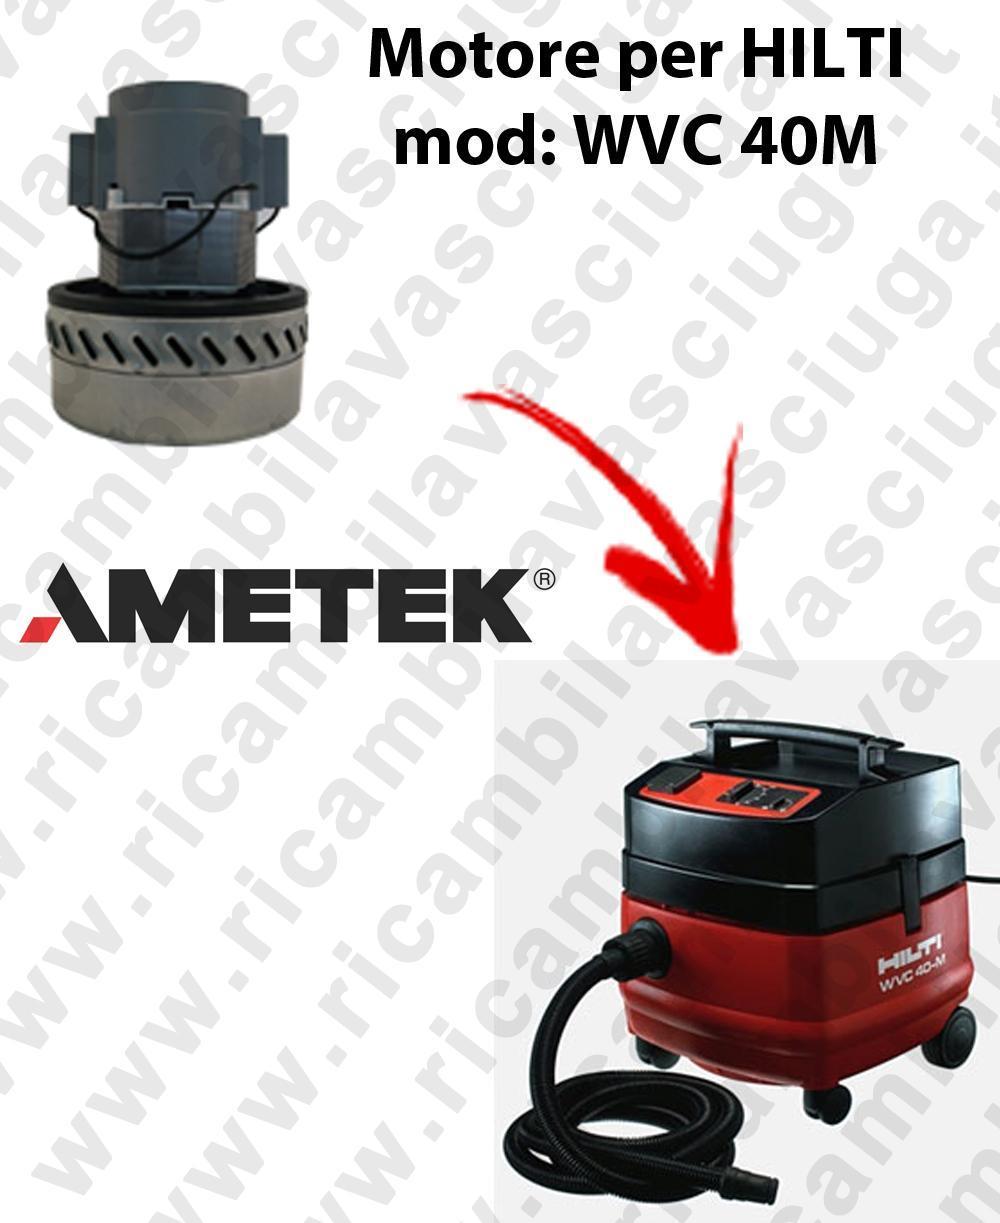 WVC 40M Saugmotor AMETEK für Staubsauger HILTI